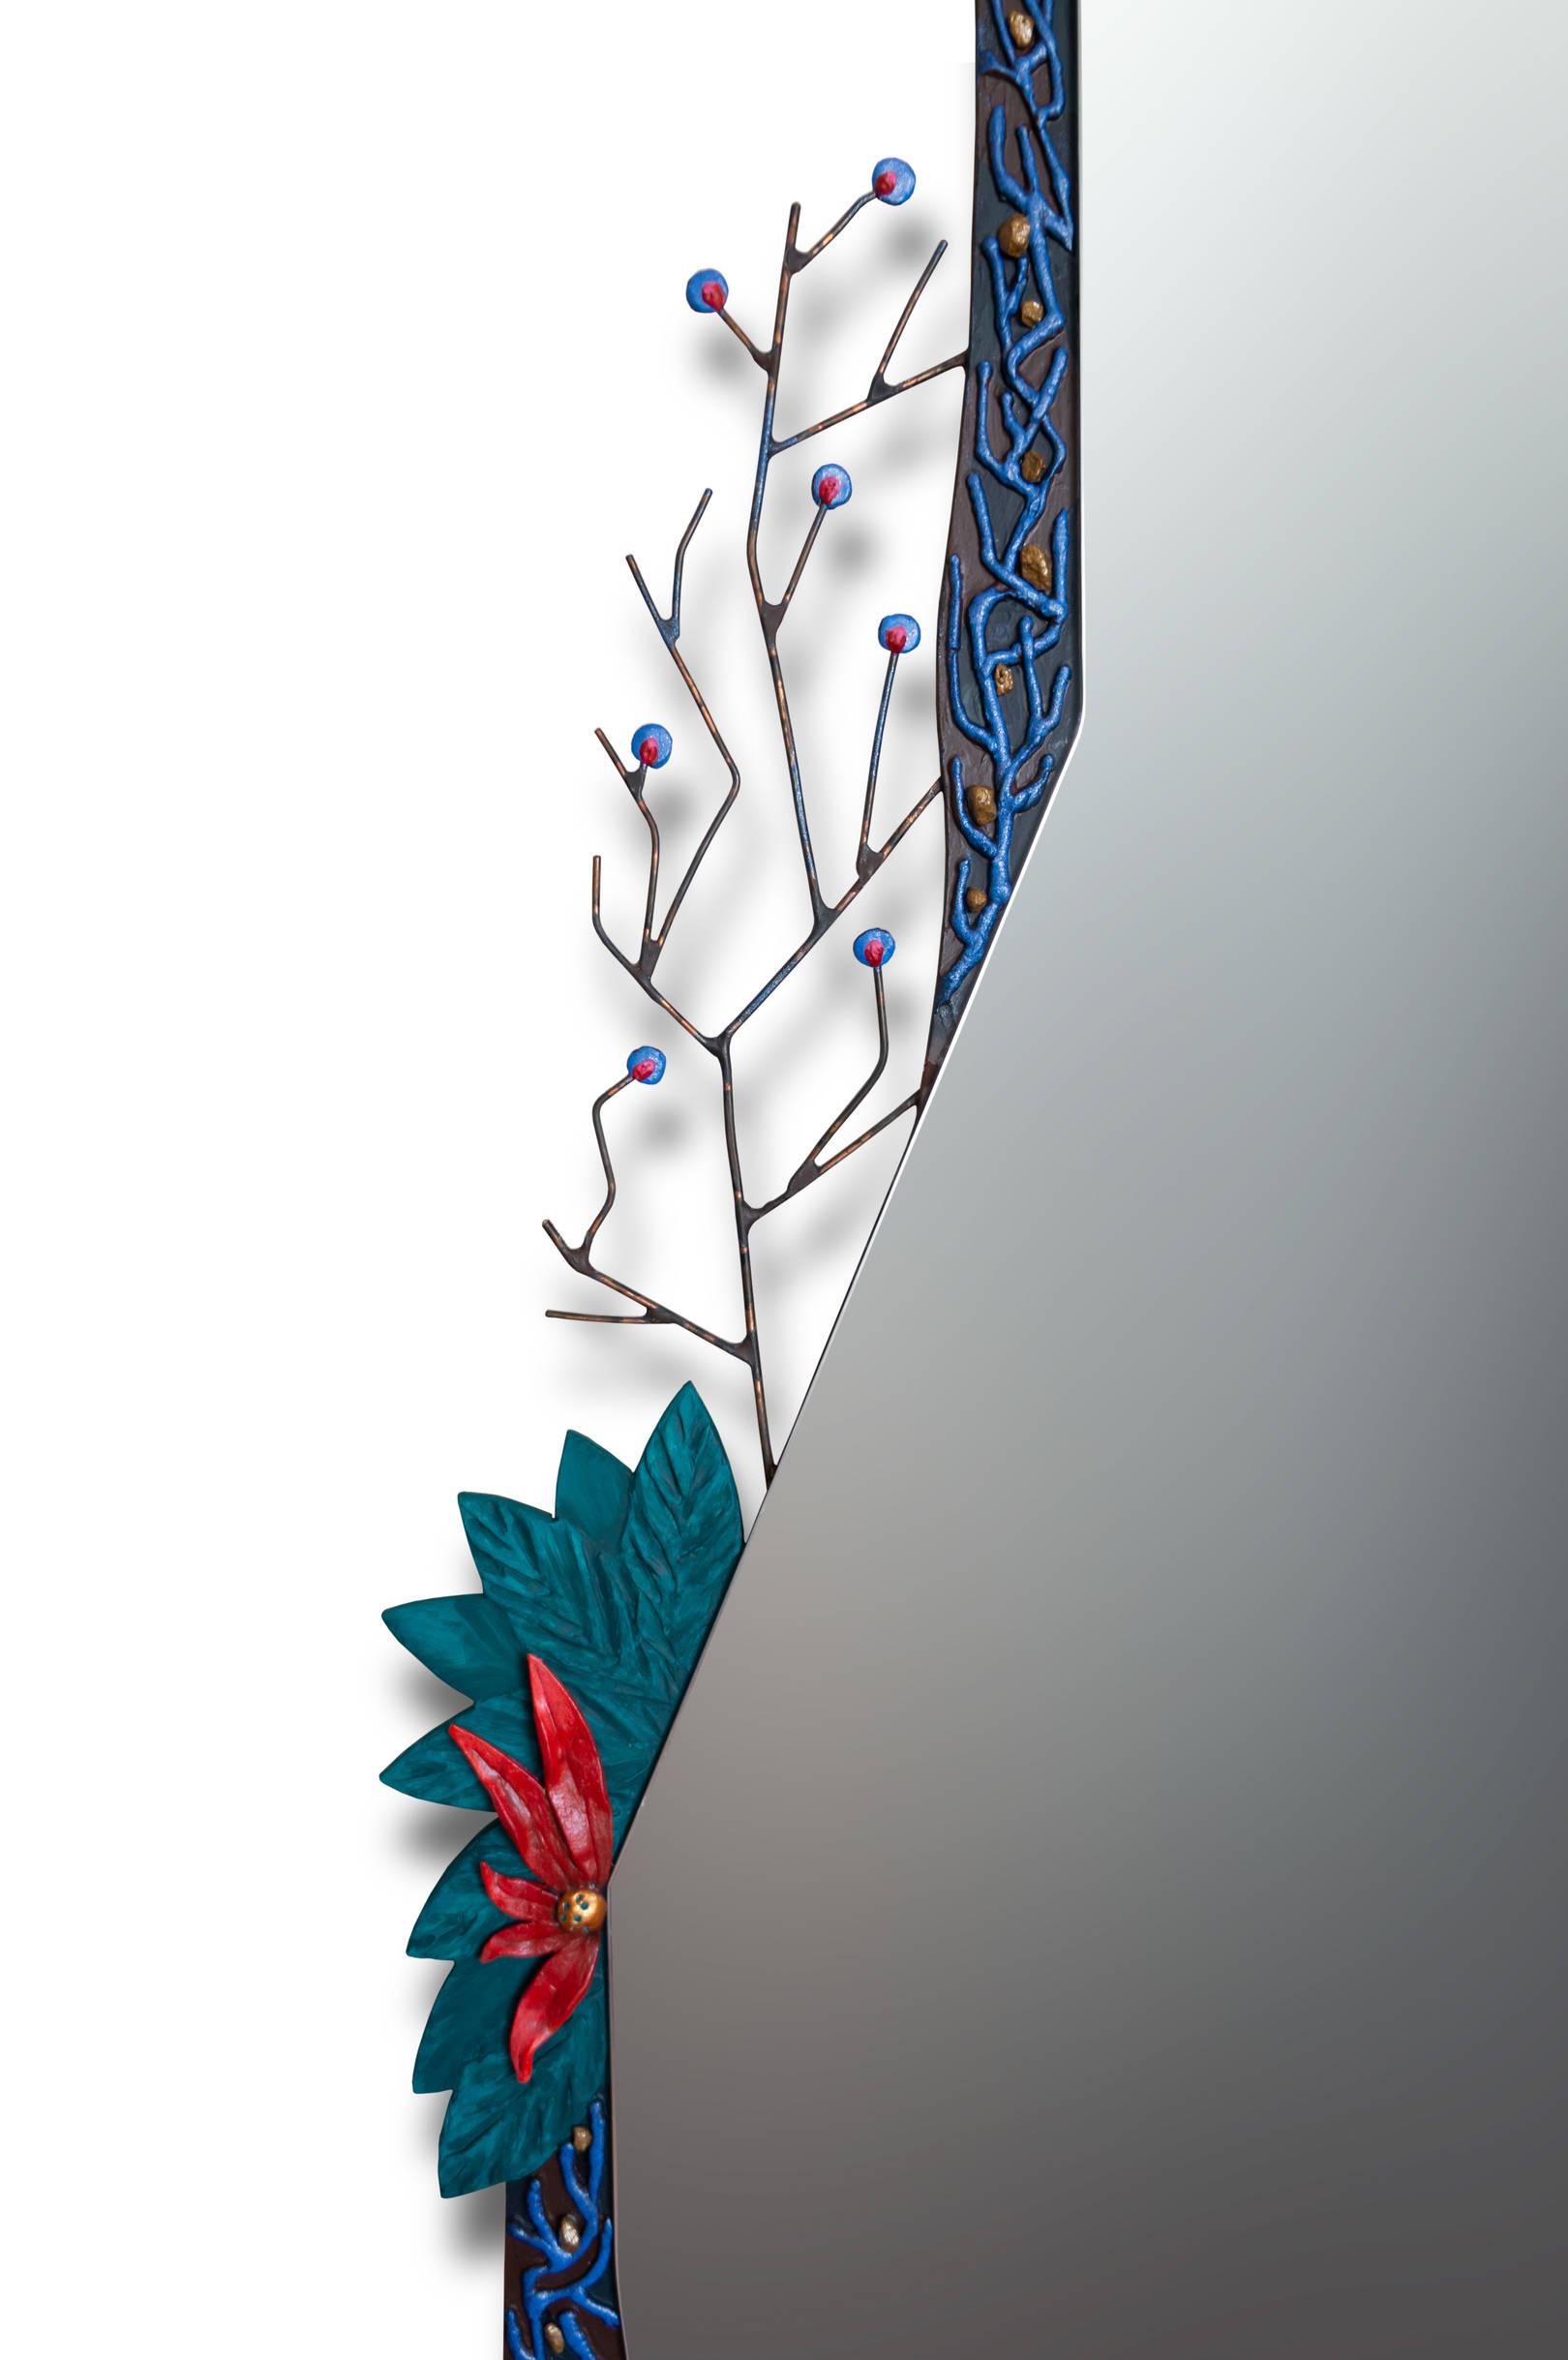 """зеркало «Цветы на камнях» Размер:  1630 х 870 мм. Смешанная техника.  mirror """"Flowers on stones"""" Size: 1630 x 870 mm. Mixed media."""